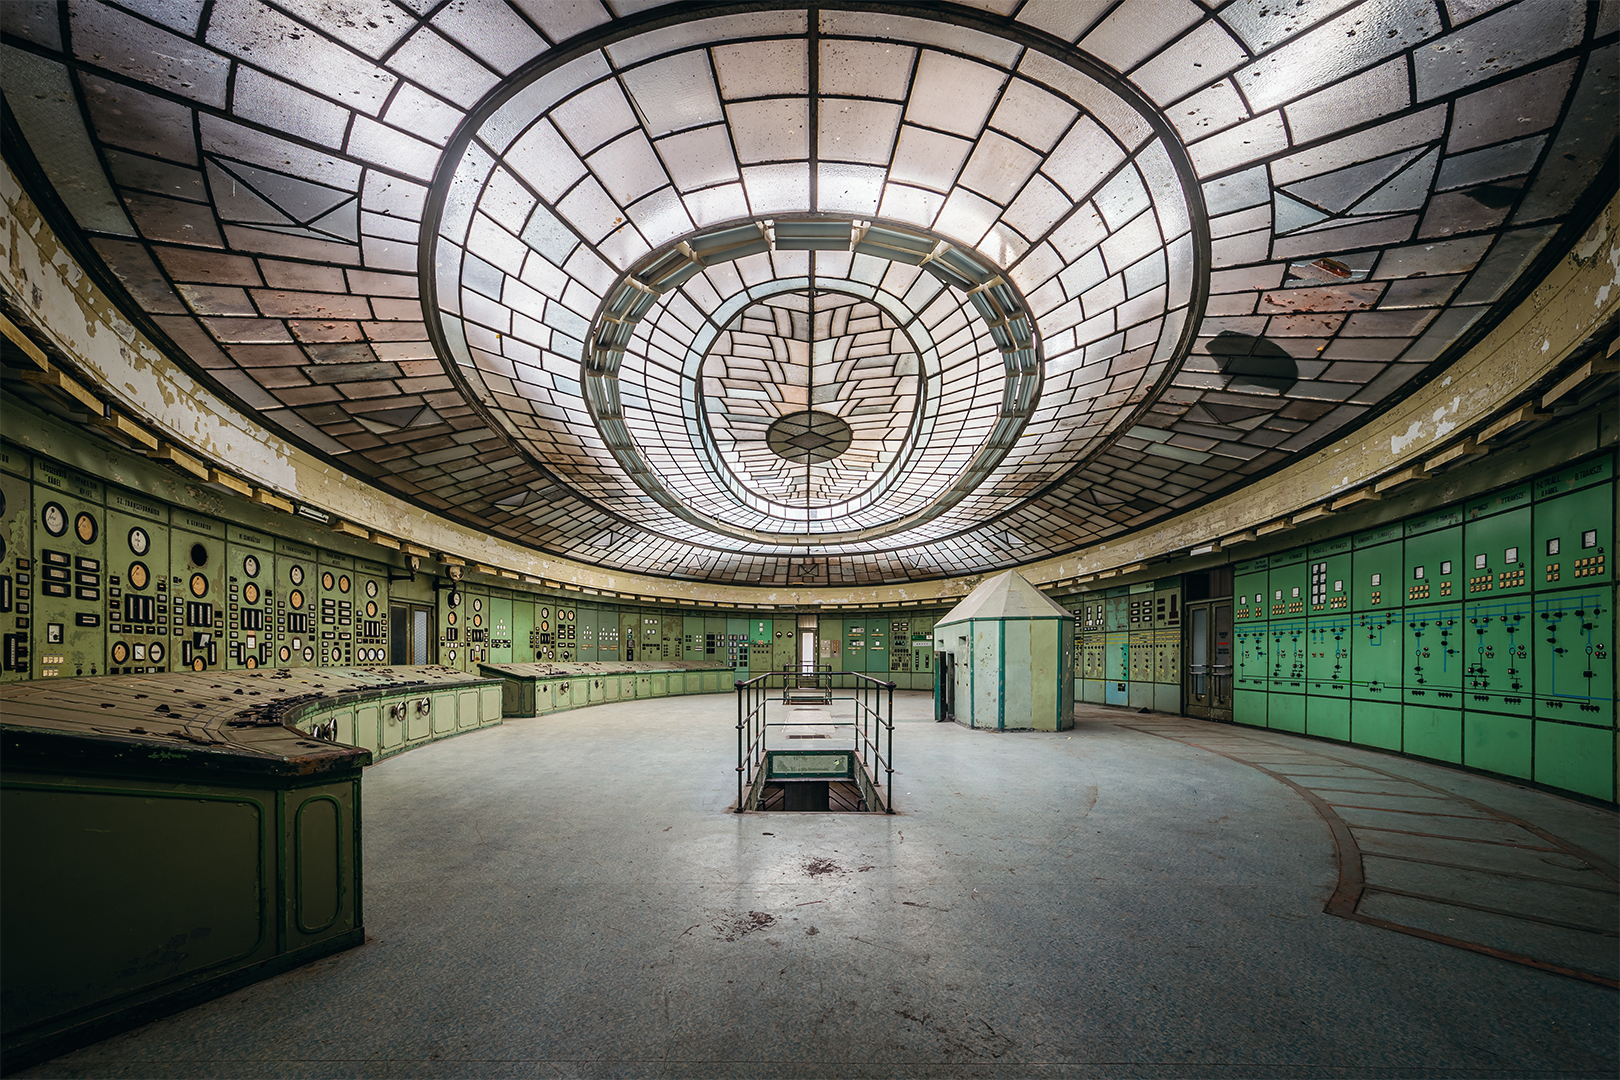 Az elhagyott Kelenföldi Erőmű art deco stílusú irányítóterme már sok filmest csalt a régi ipari műemlékbe